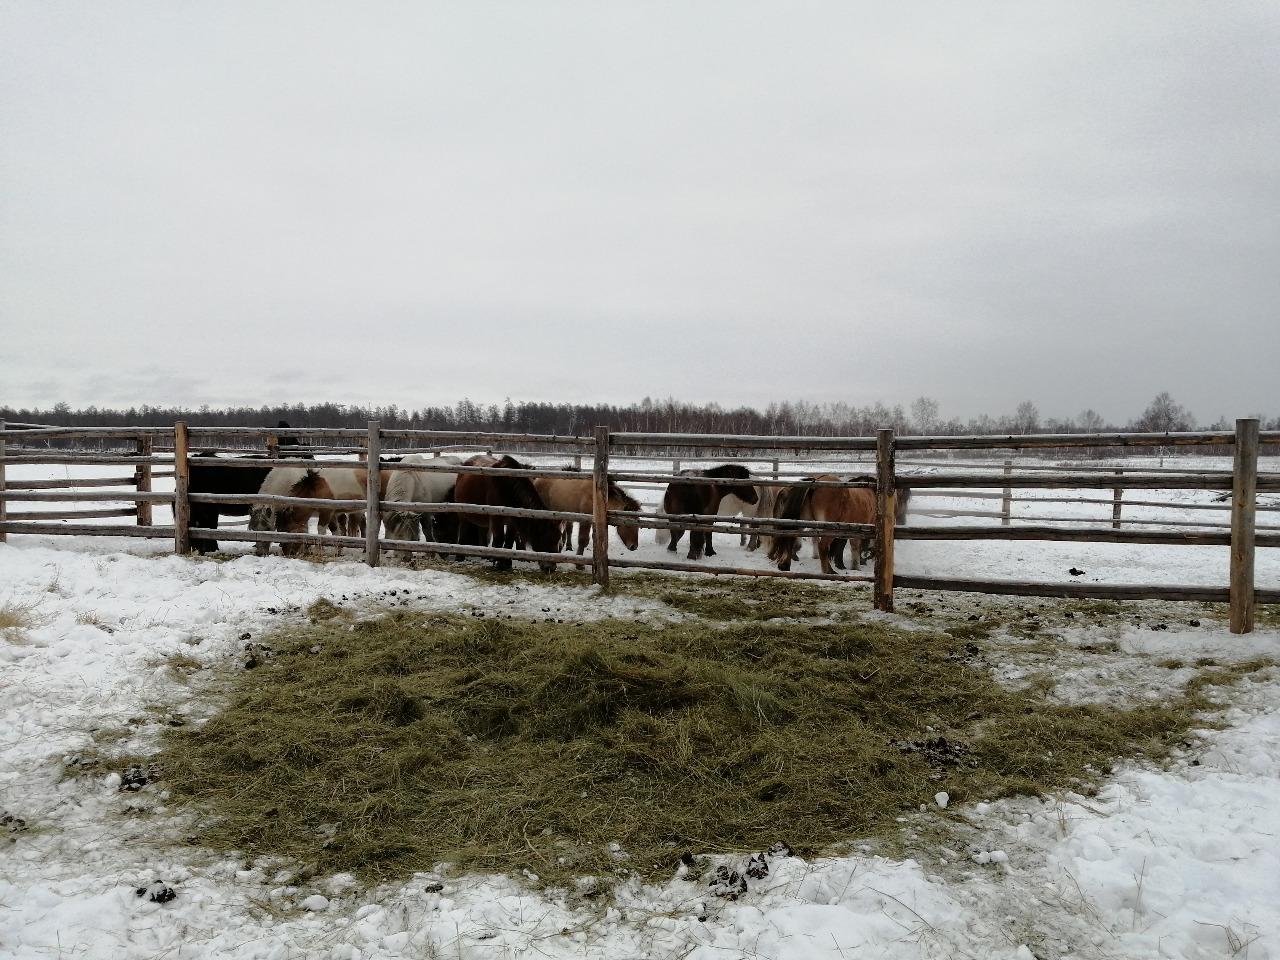 В тепле и сытости. В хозяйствах Хангаласского улуса Якутии кормов для скота достаточно